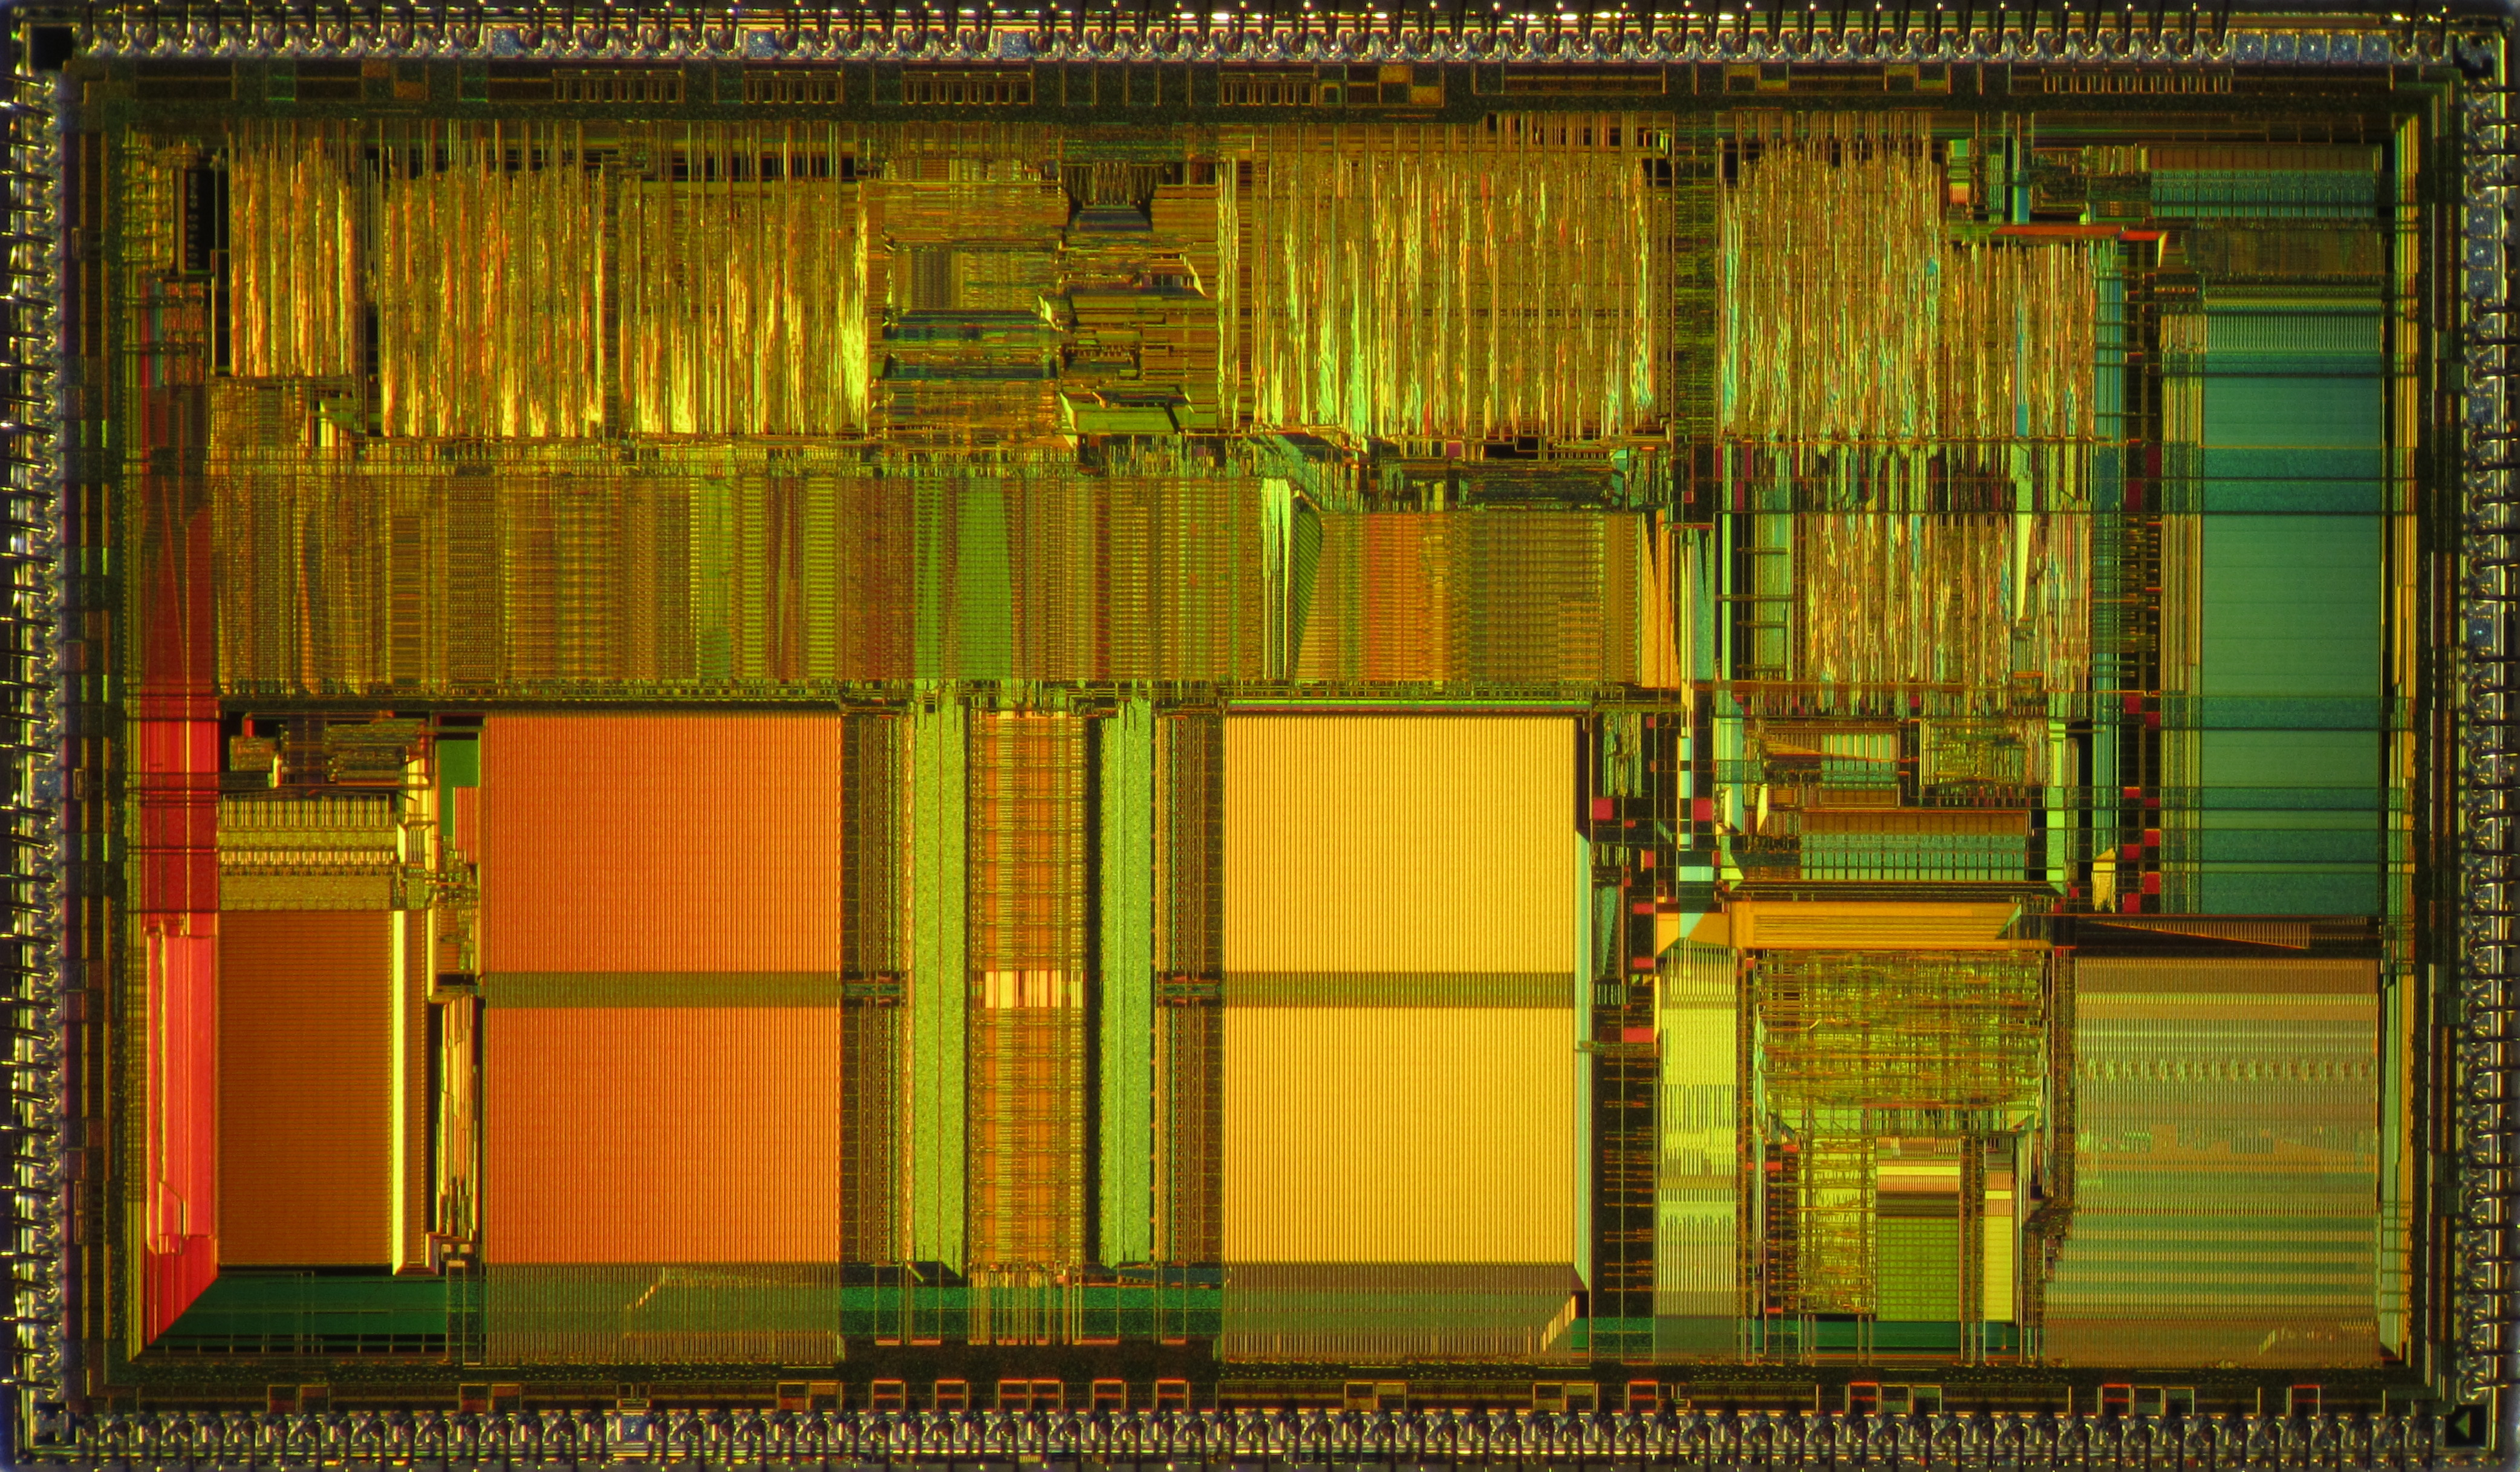 File:Intel 80486 DX2 die JPG - Wikimedia Commons